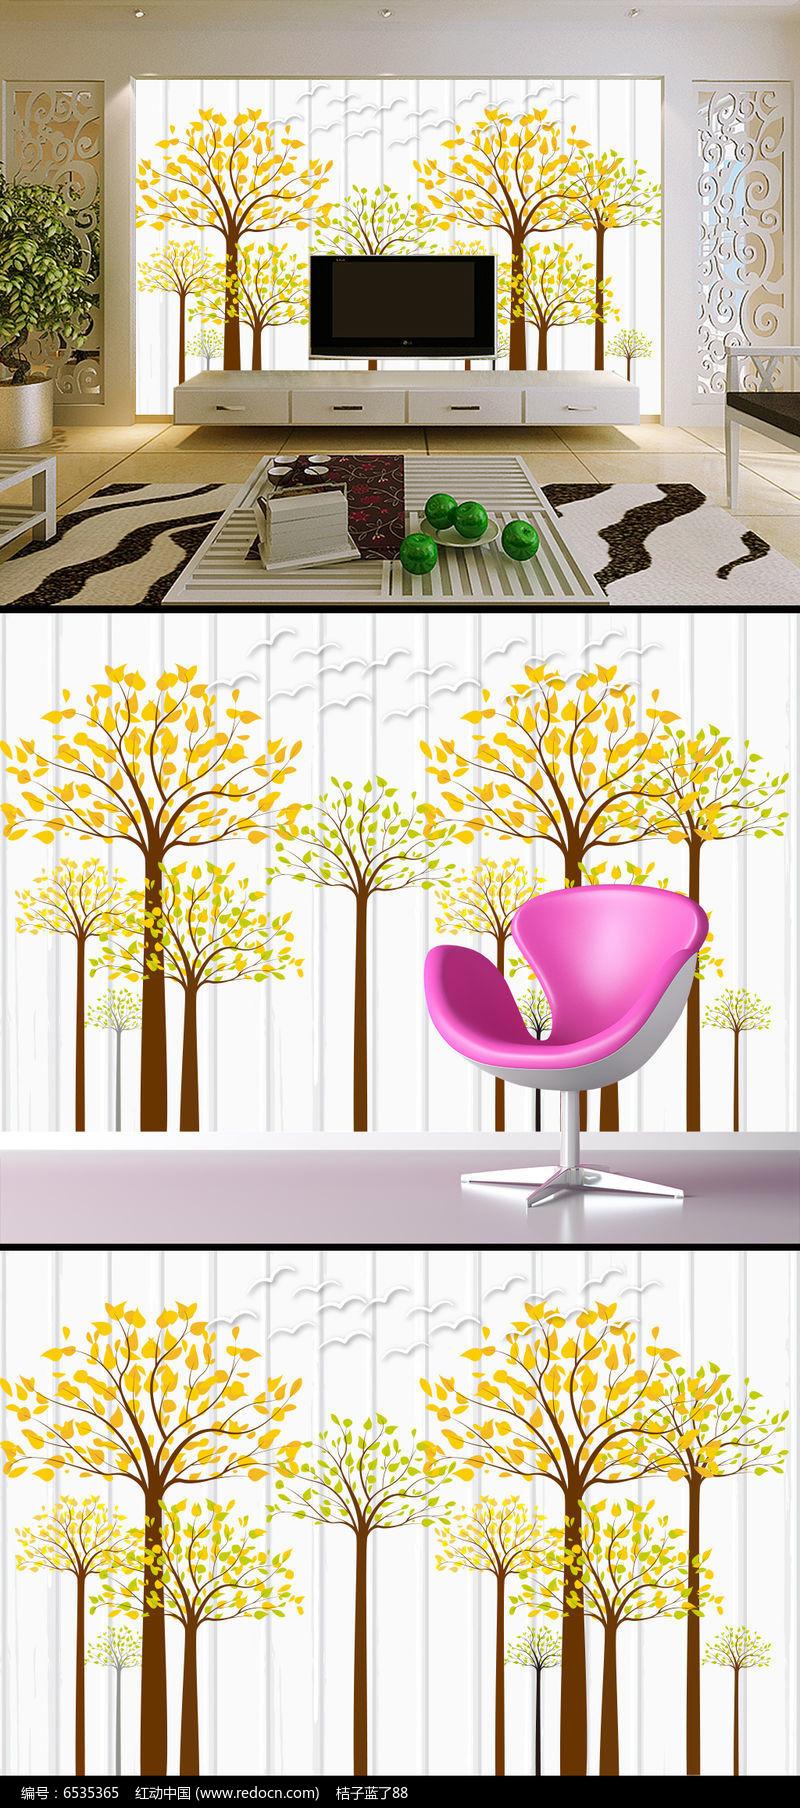 立体创意抽象树电视背景墙装饰画图片